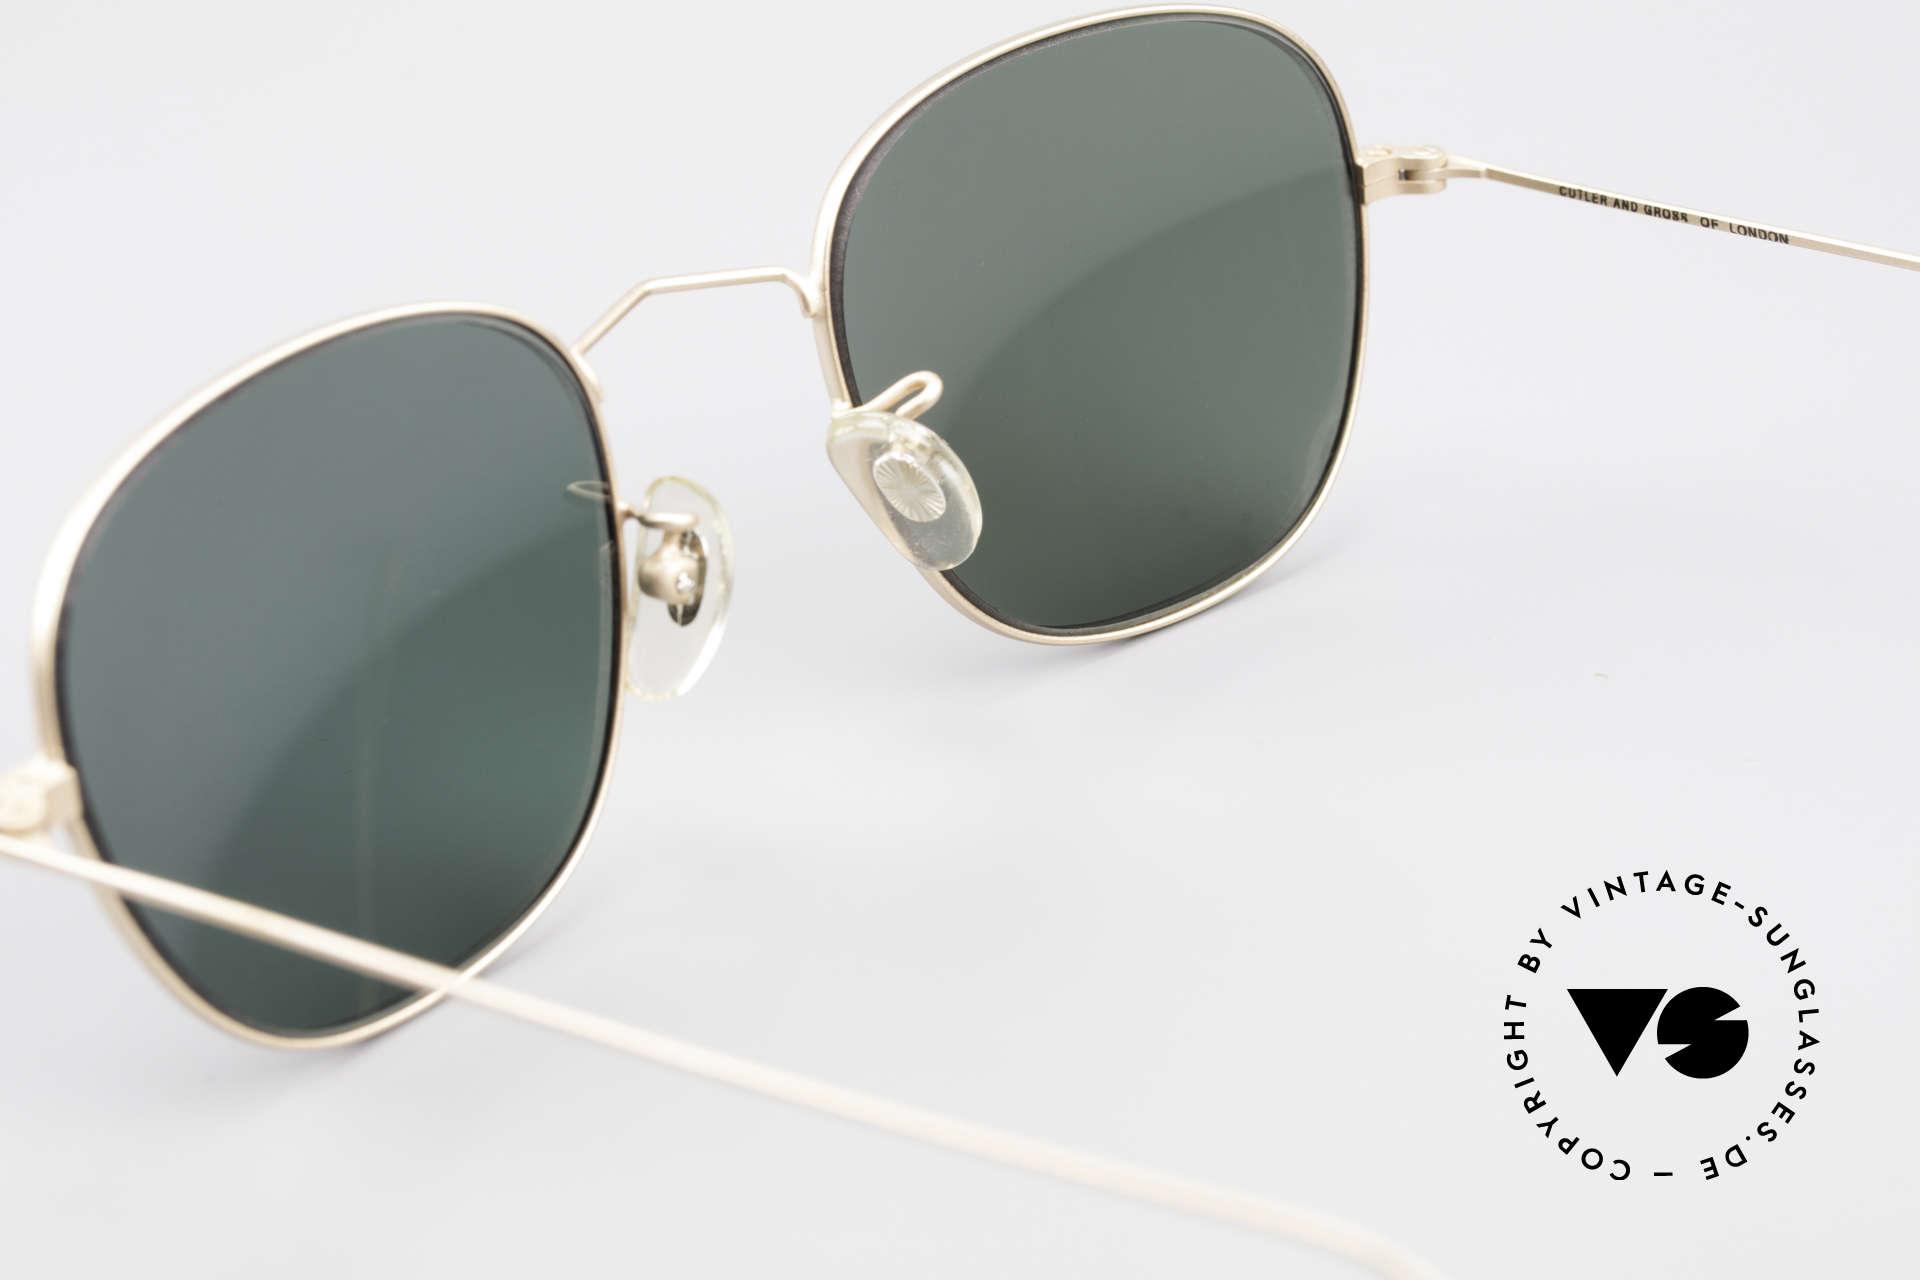 Cutler And Gross 0307 Klassische 90er Vintage Brille, KEINE Retrobrille, sondern ein 20 Jahre altes Original!, Passend für Herren und Damen